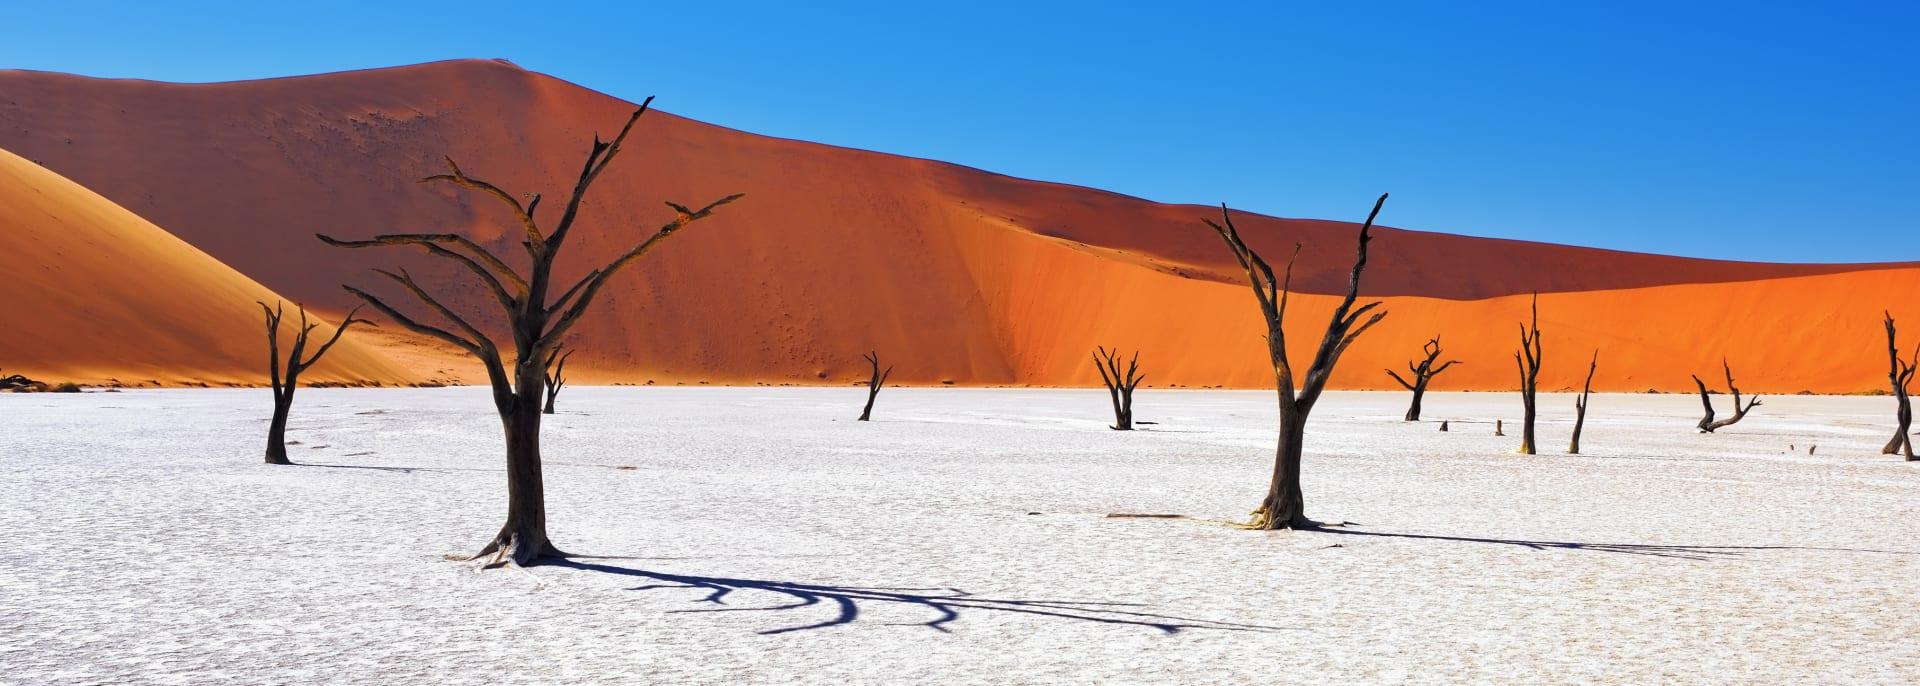 Deadlei, Sossusvlei, Namibia